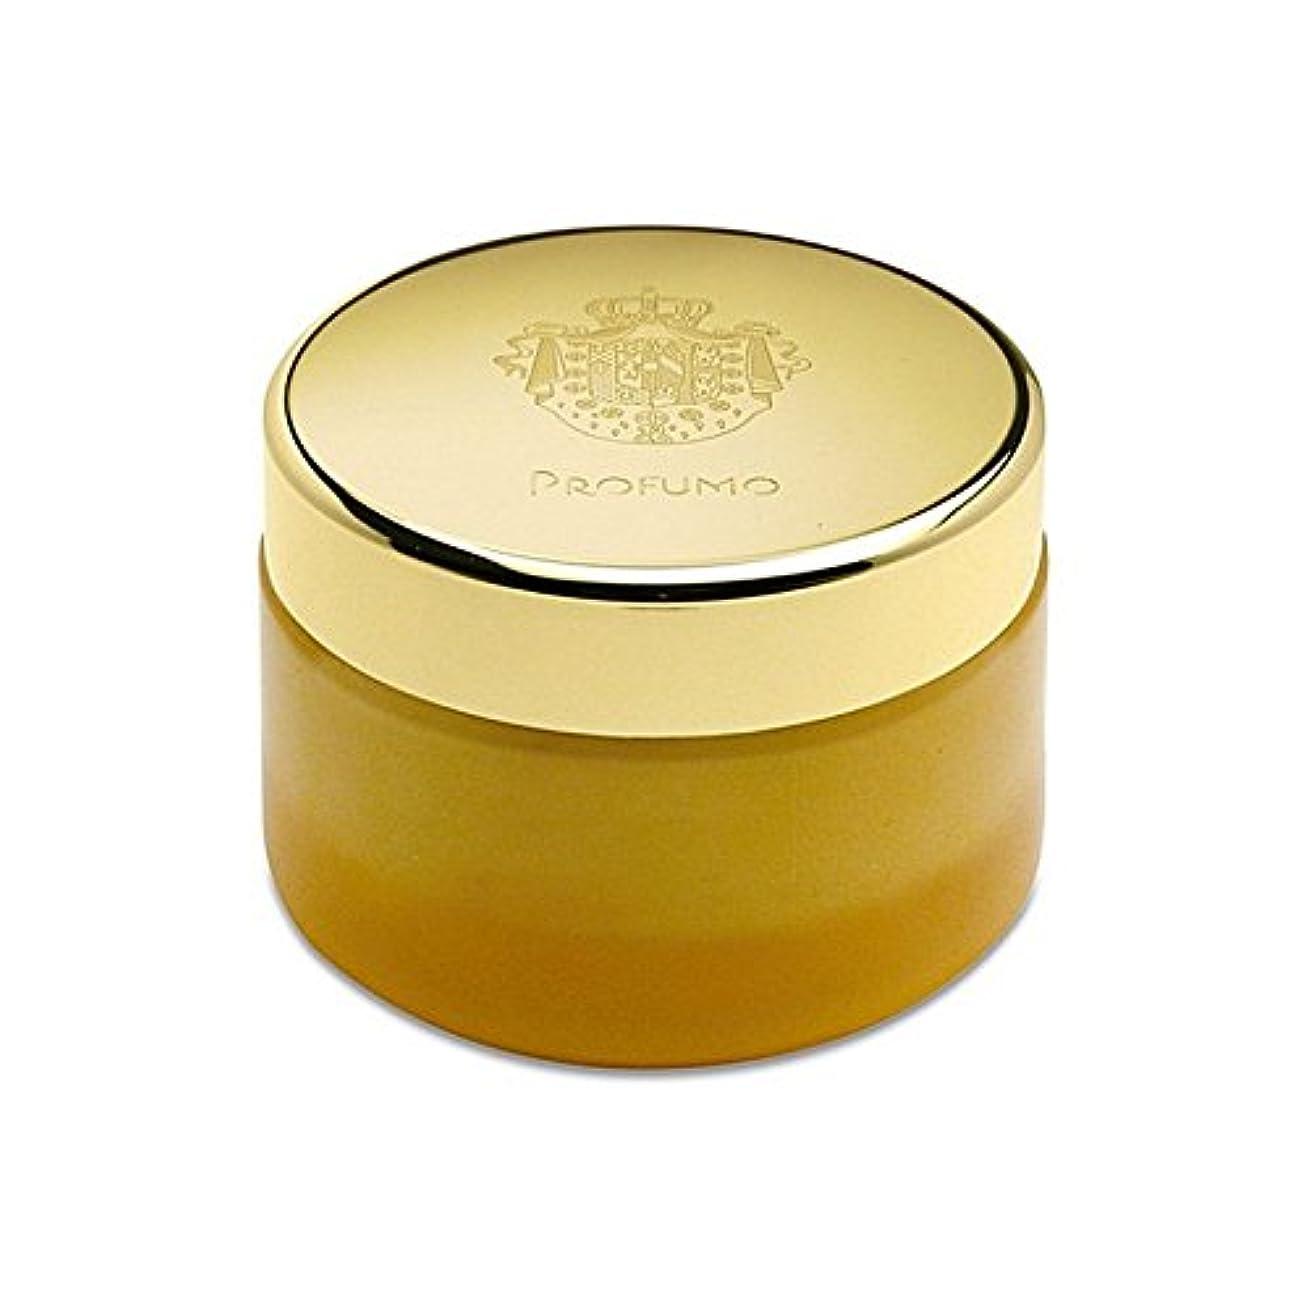 ヨーロッパ序文オーストラリア人アクアディパルマボディクリーム200ミリリットル x4 - Acqua Di Parma Profumo Body Cream 200ml (Pack of 4) [並行輸入品]